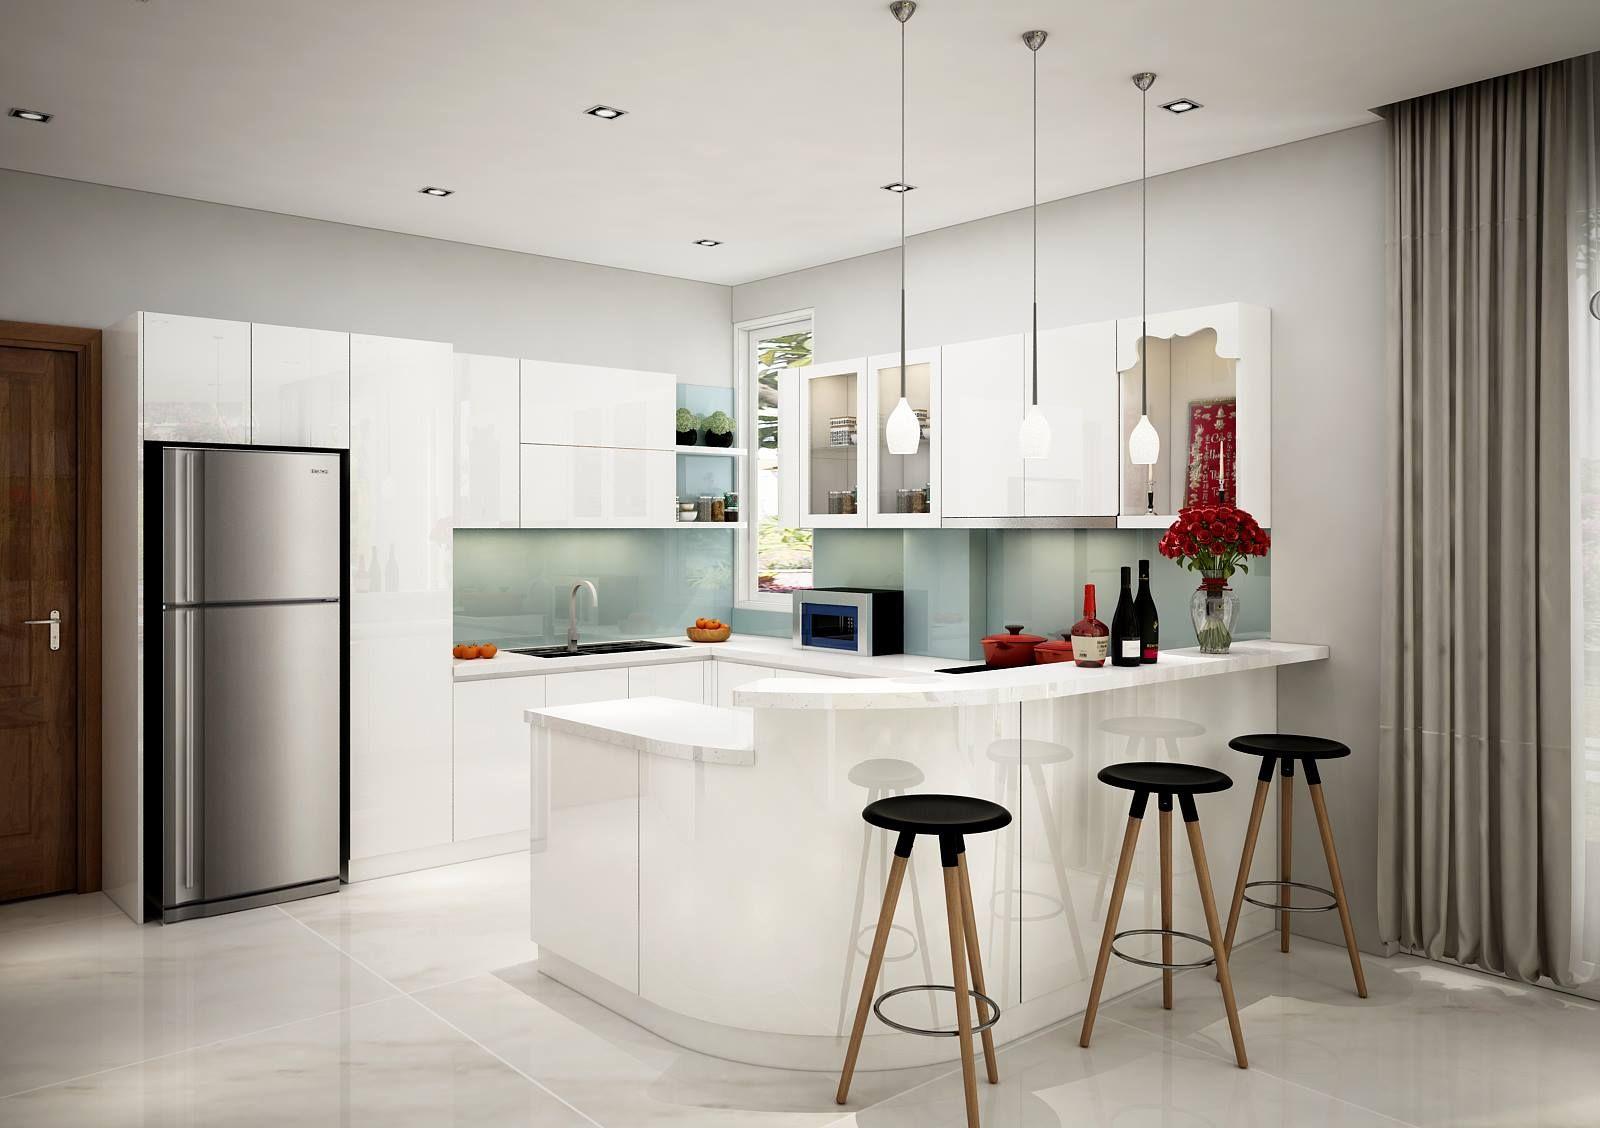 Không gian bếp mang phong cách hiện đại, tinh tế. tại biệt